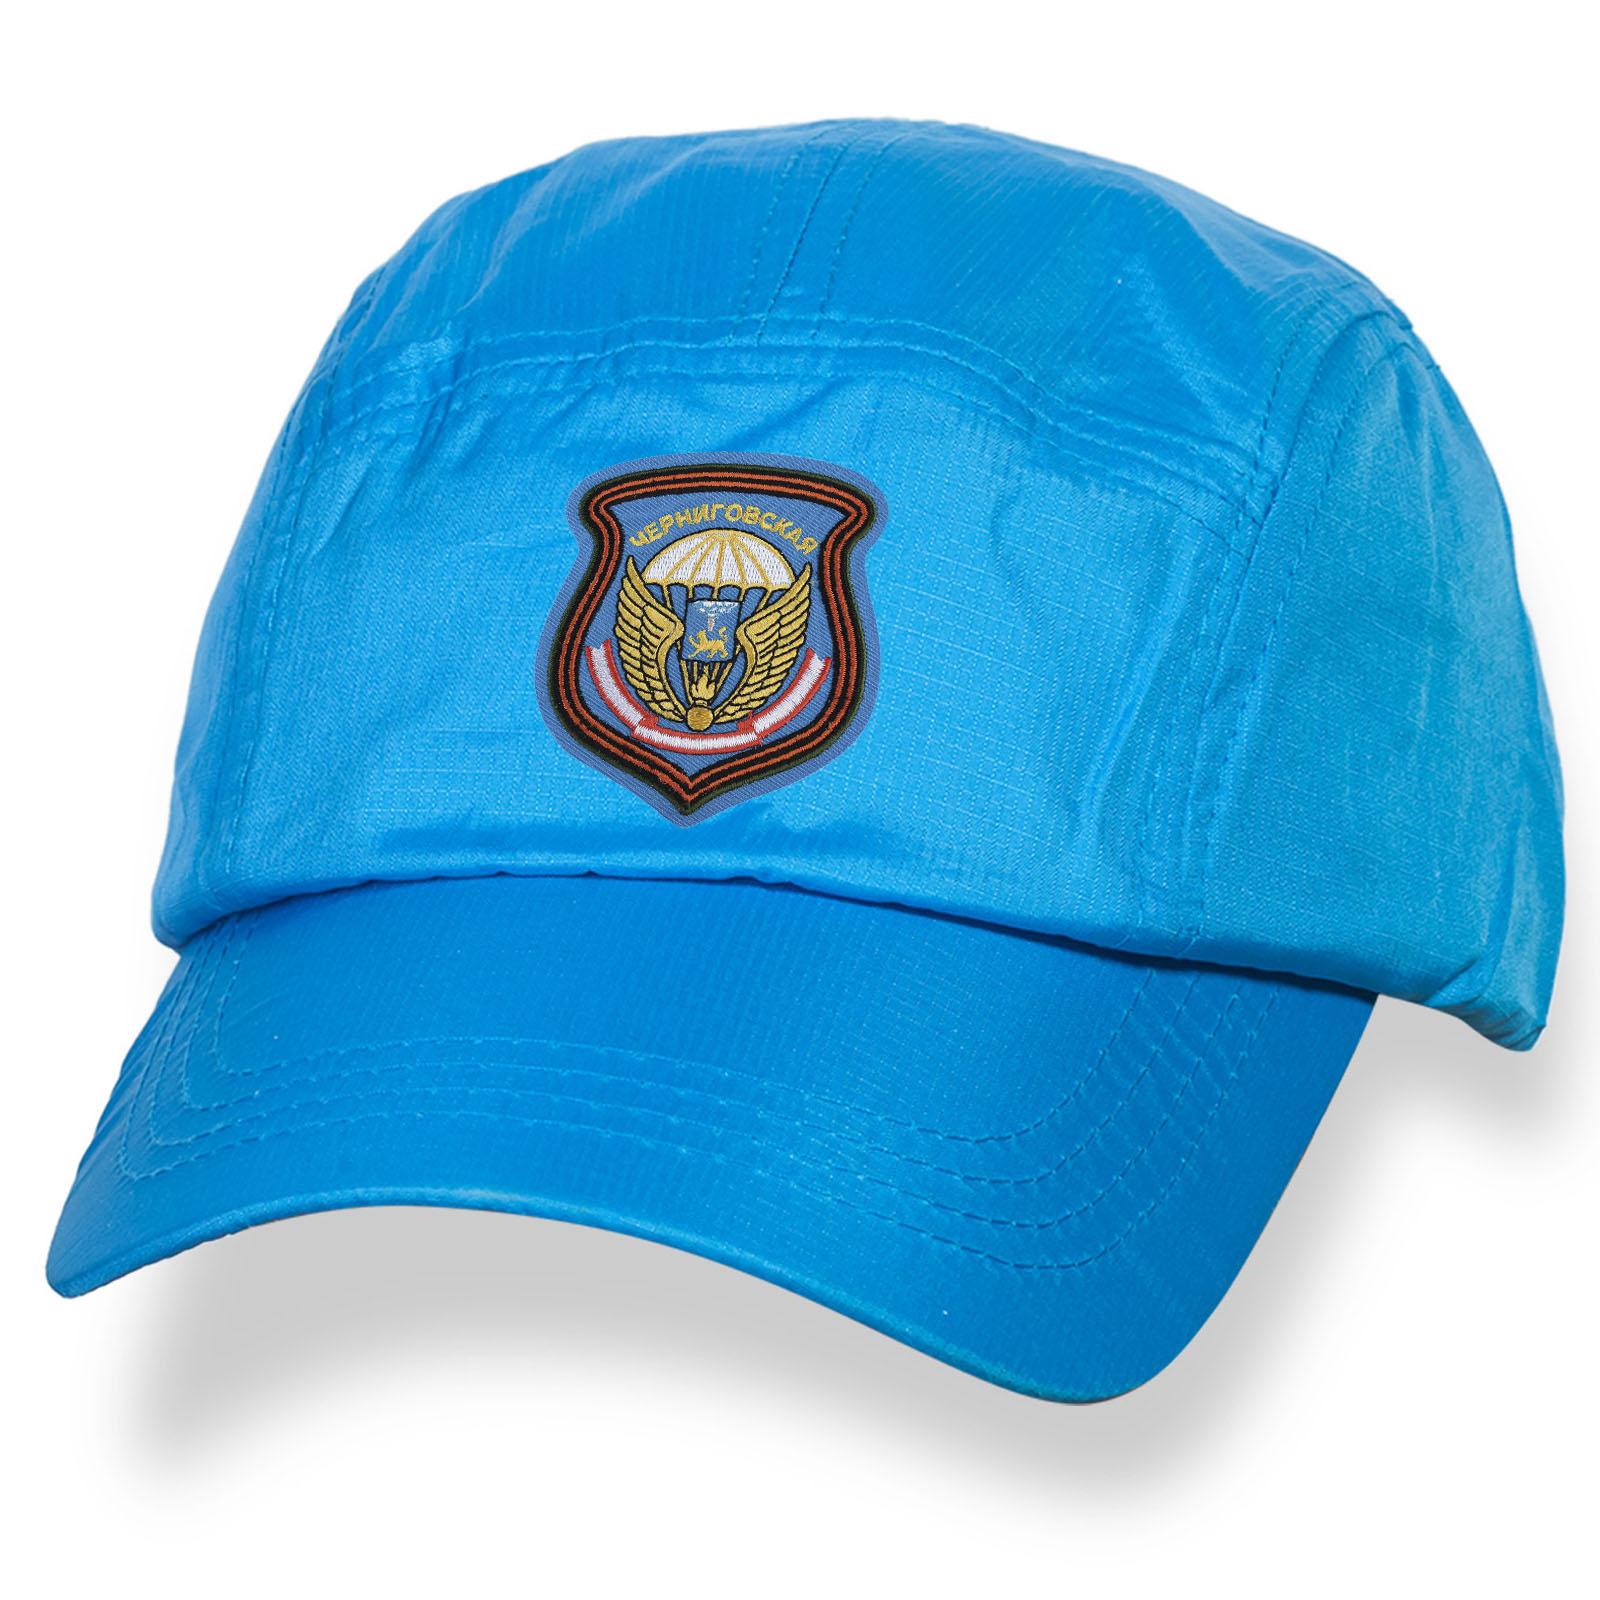 Однотонная мужская кепка с нашивкой 76 Черниговской дивизии ВДВ купить выгодно